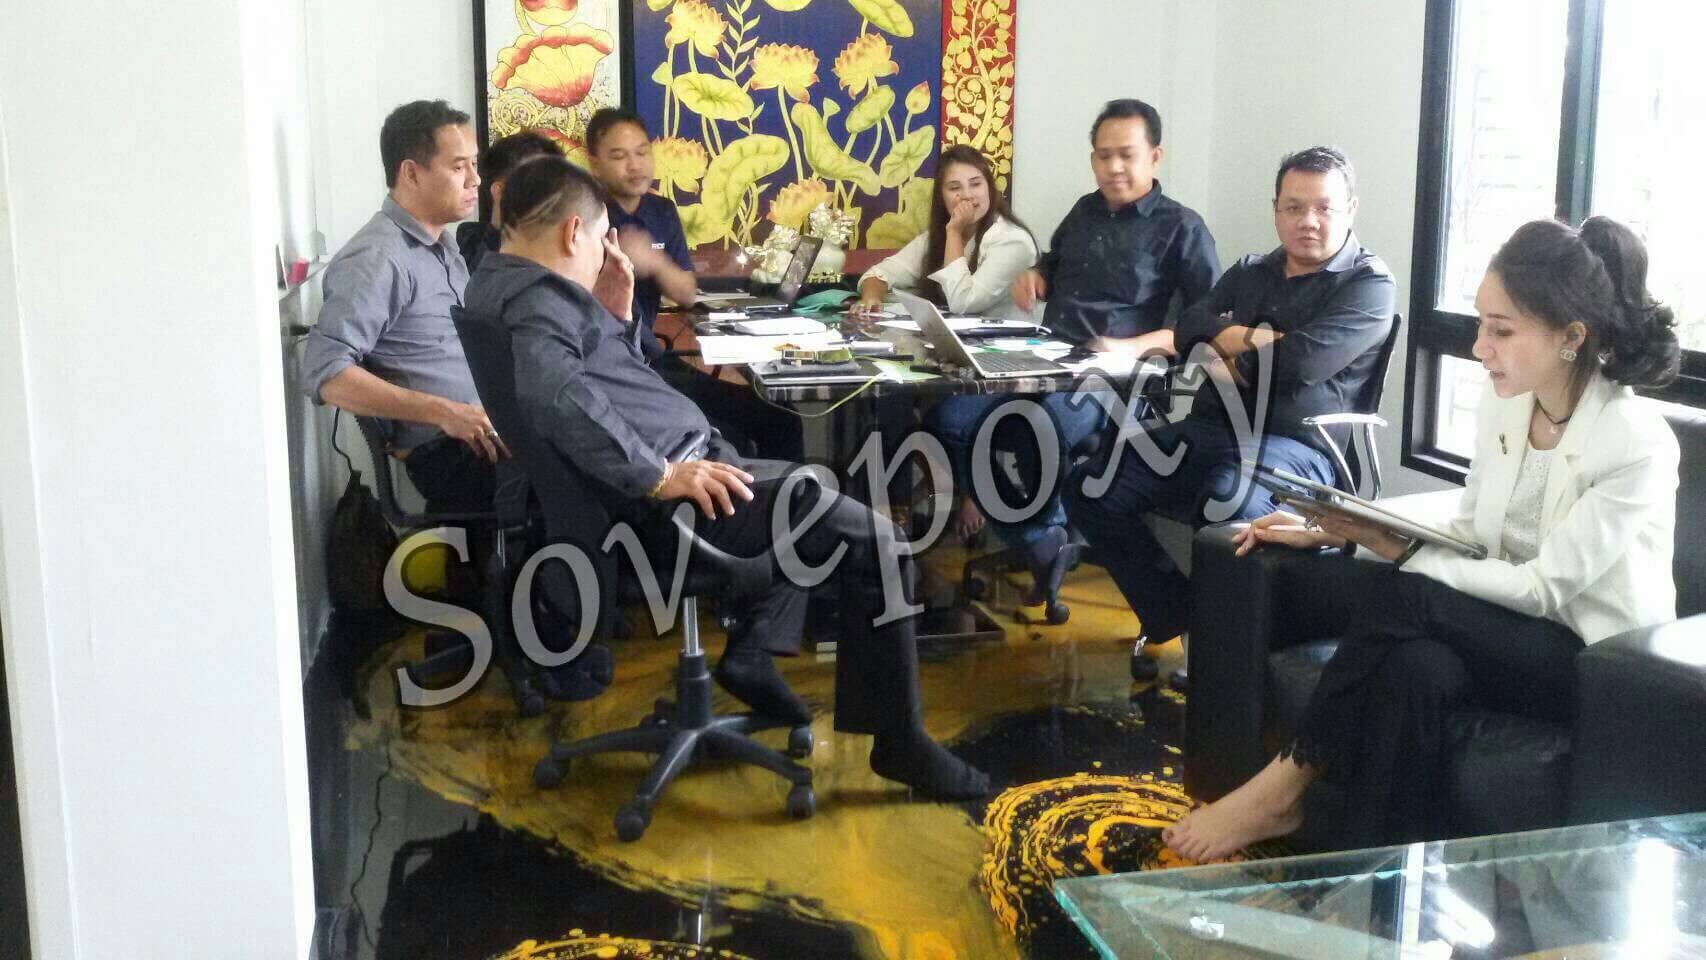 ประชุมยอดขาย SOV EPOXY 7